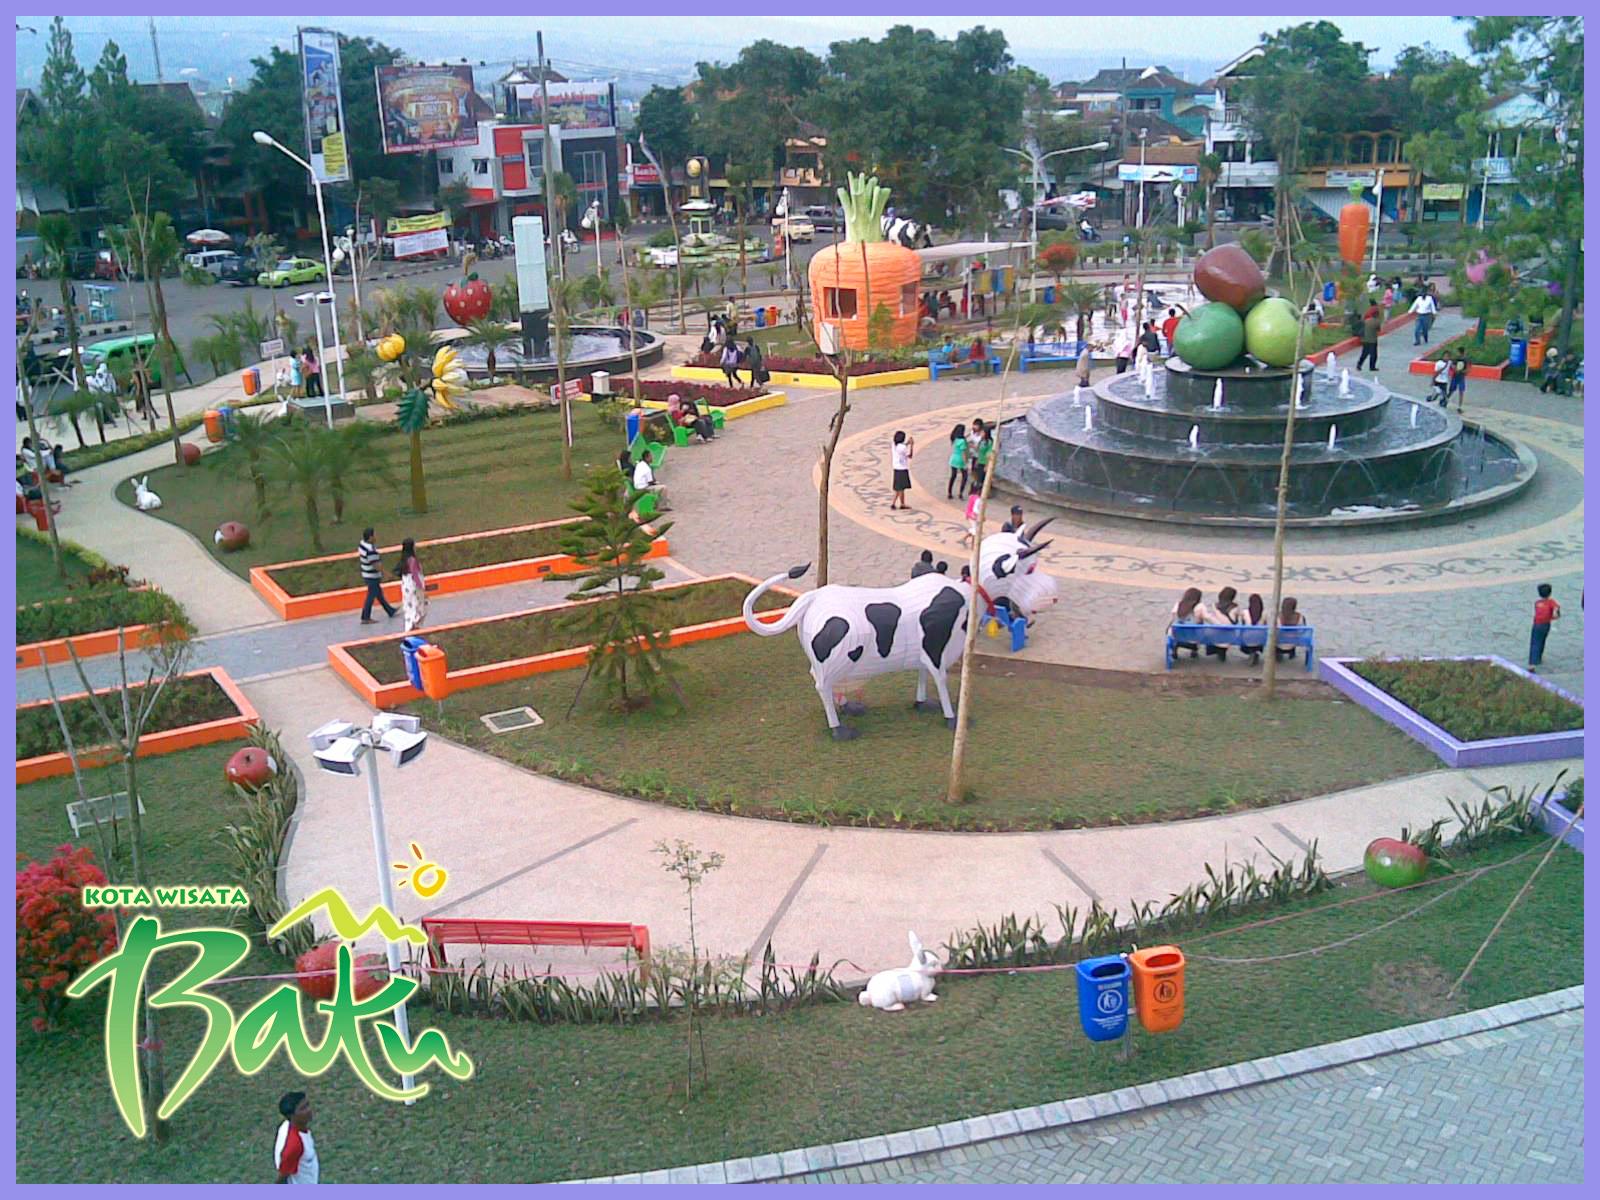 Paket Wisata Batu Malang 2020 Paling Seru Akcaya Tour Travel No Hp 0822 3336 3446 Telkomsel